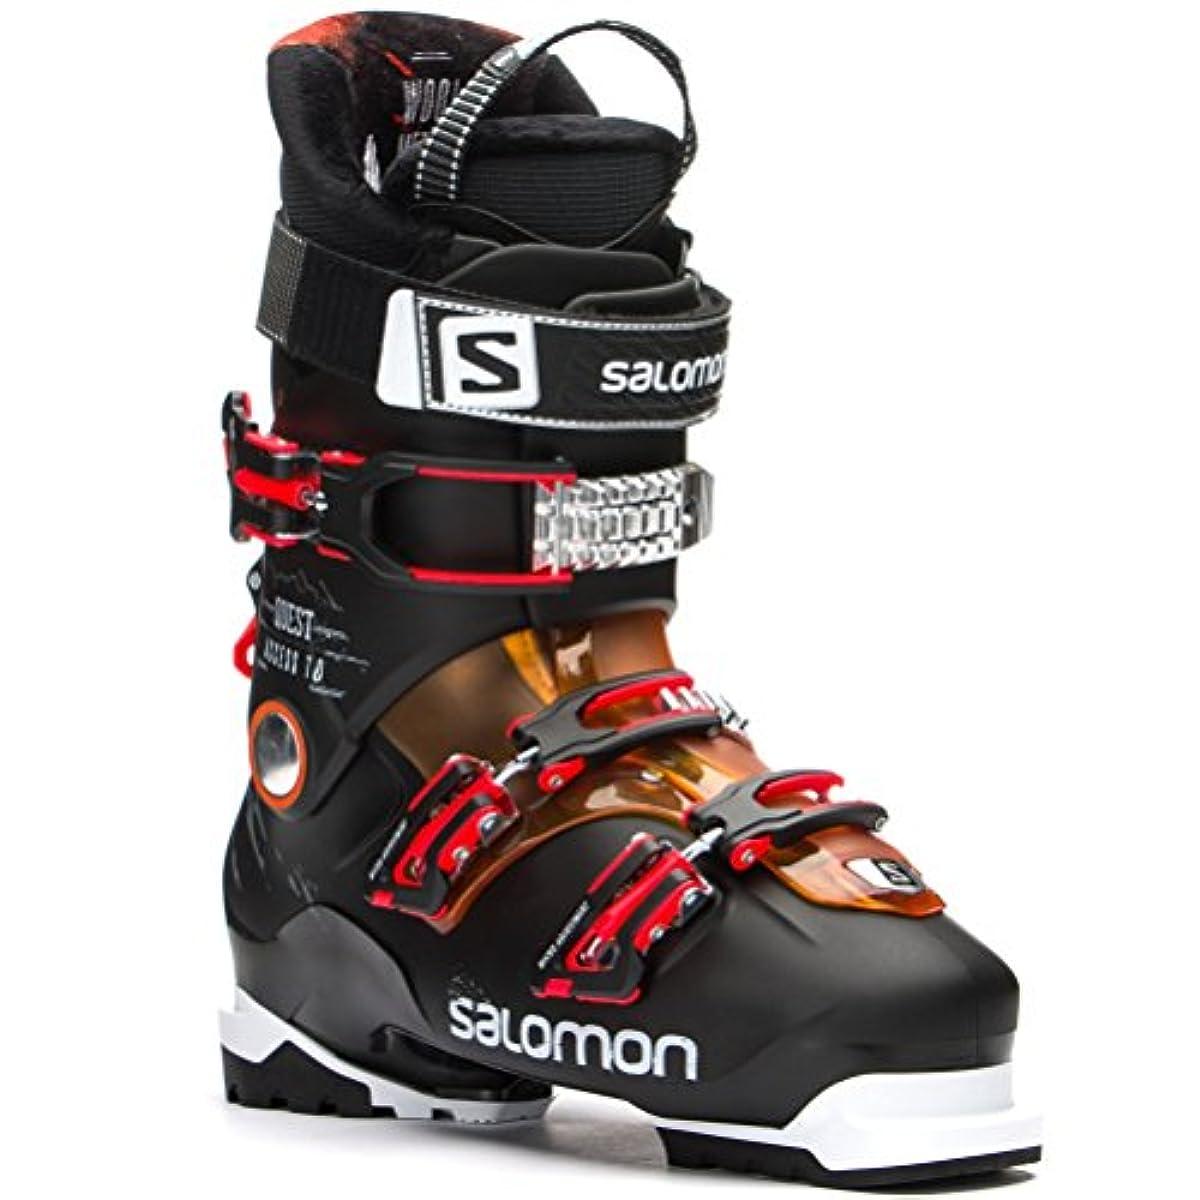 [해외] SALOMON살로몬 QUEST ACCESS 70 스키화 올라운드 L37814300